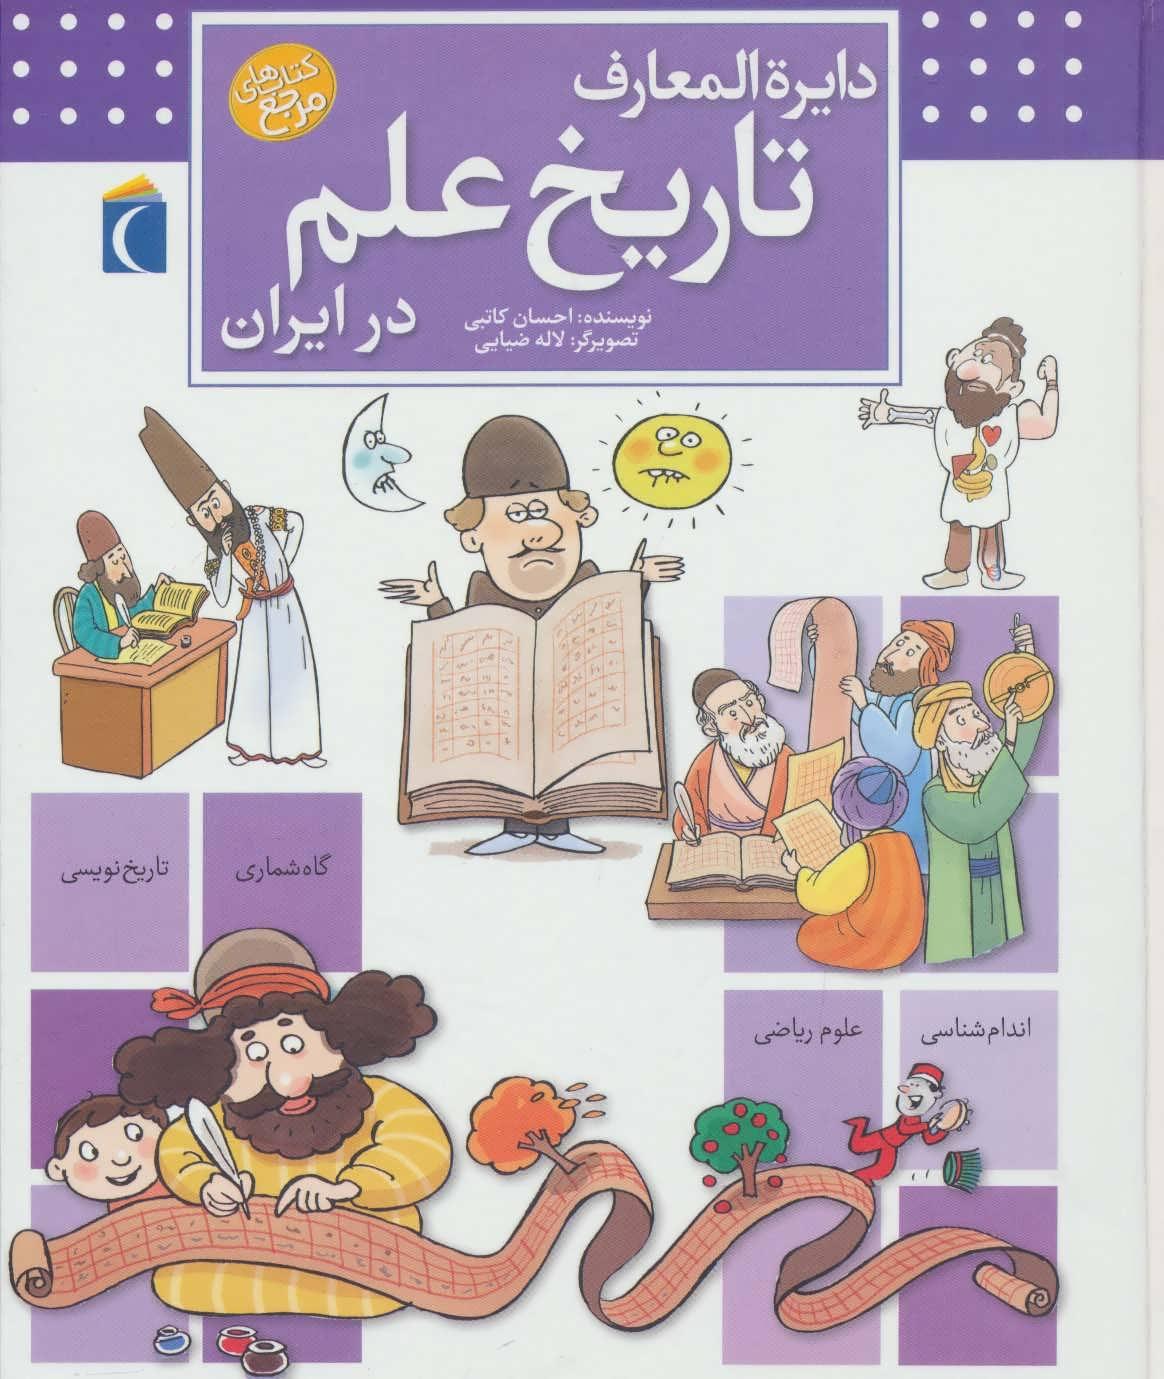 کتاب دایره المعارف تاریخ علم در ایران